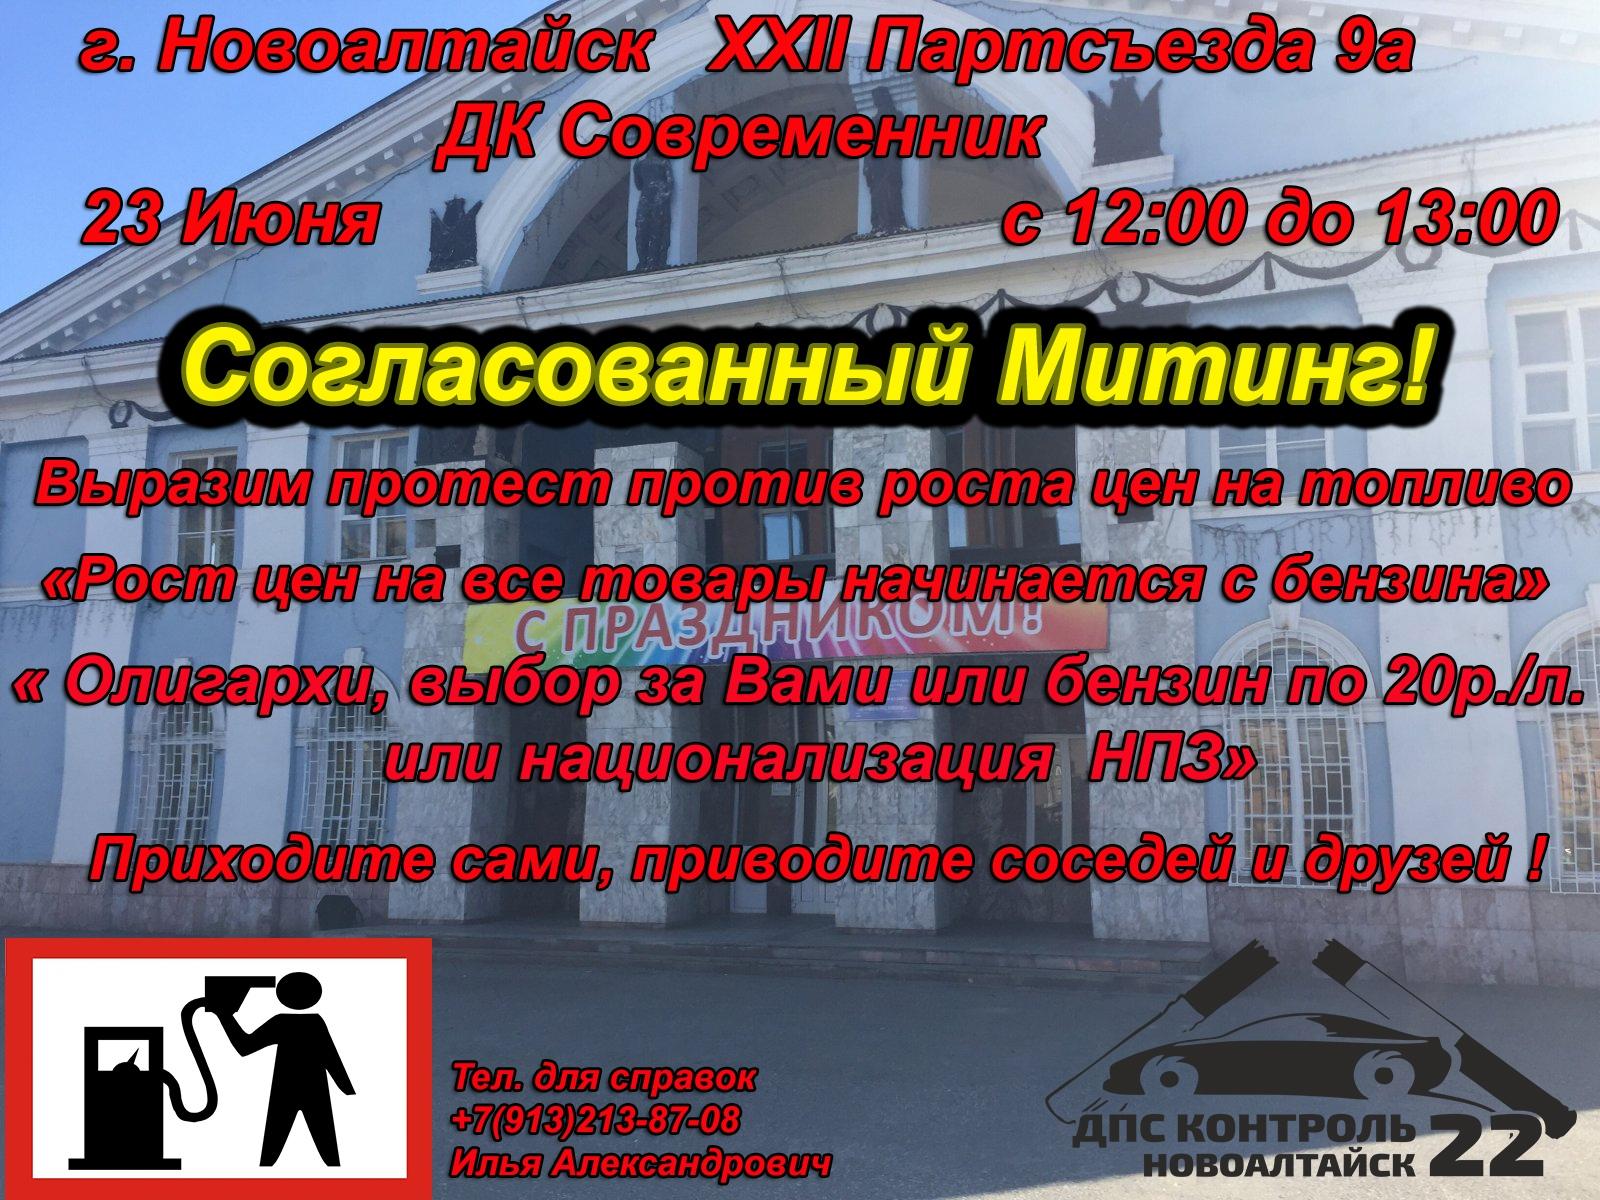 Митинг за понижение цен на топливо в Новоалтайске 23-06-2018